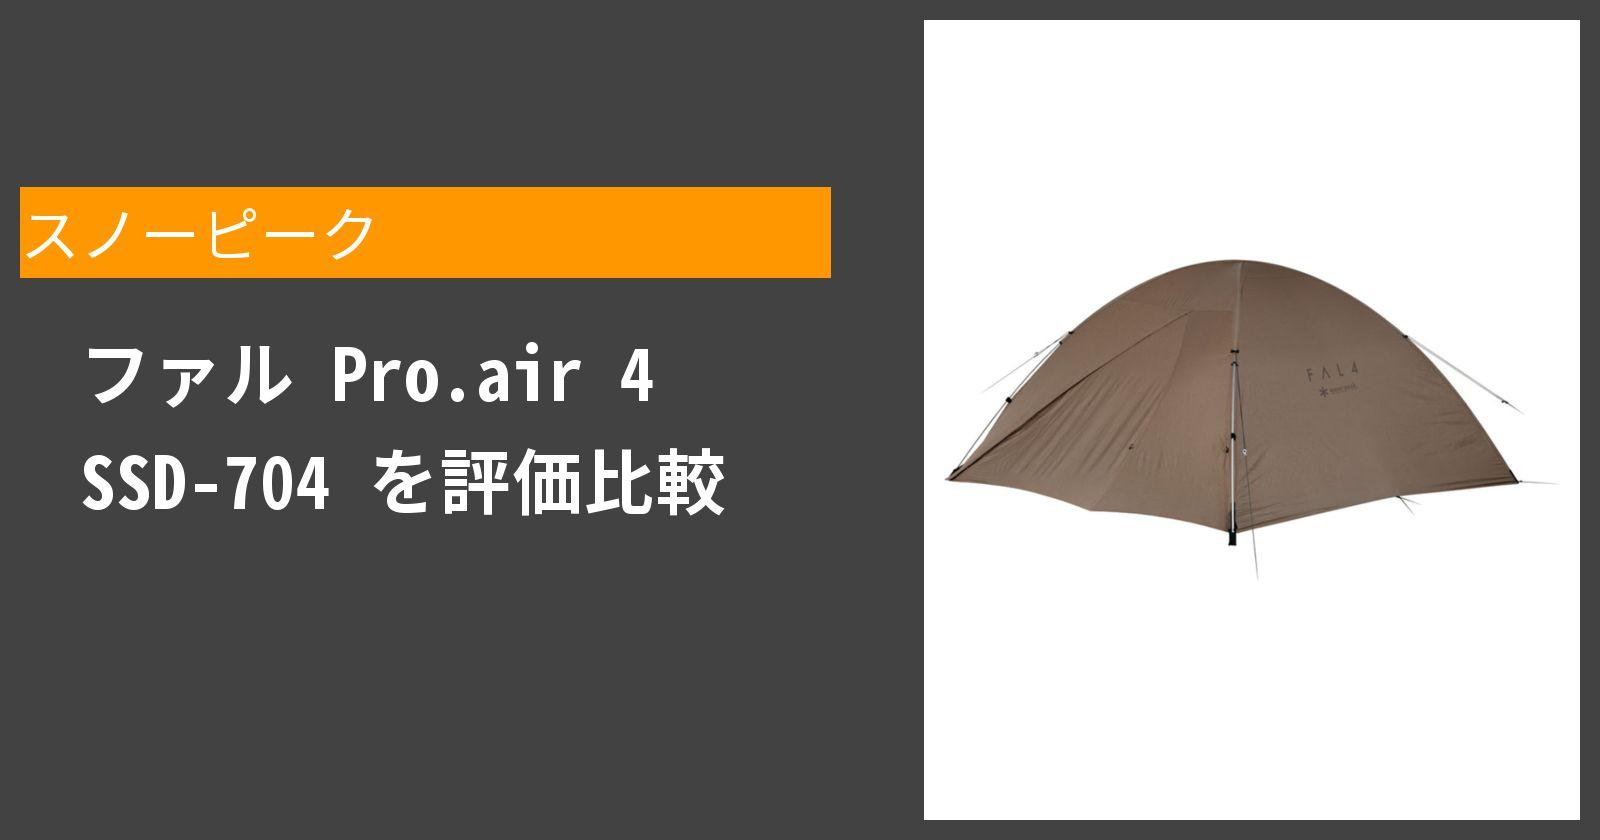 ファル Pro.air 4 SSD-704を徹底評価